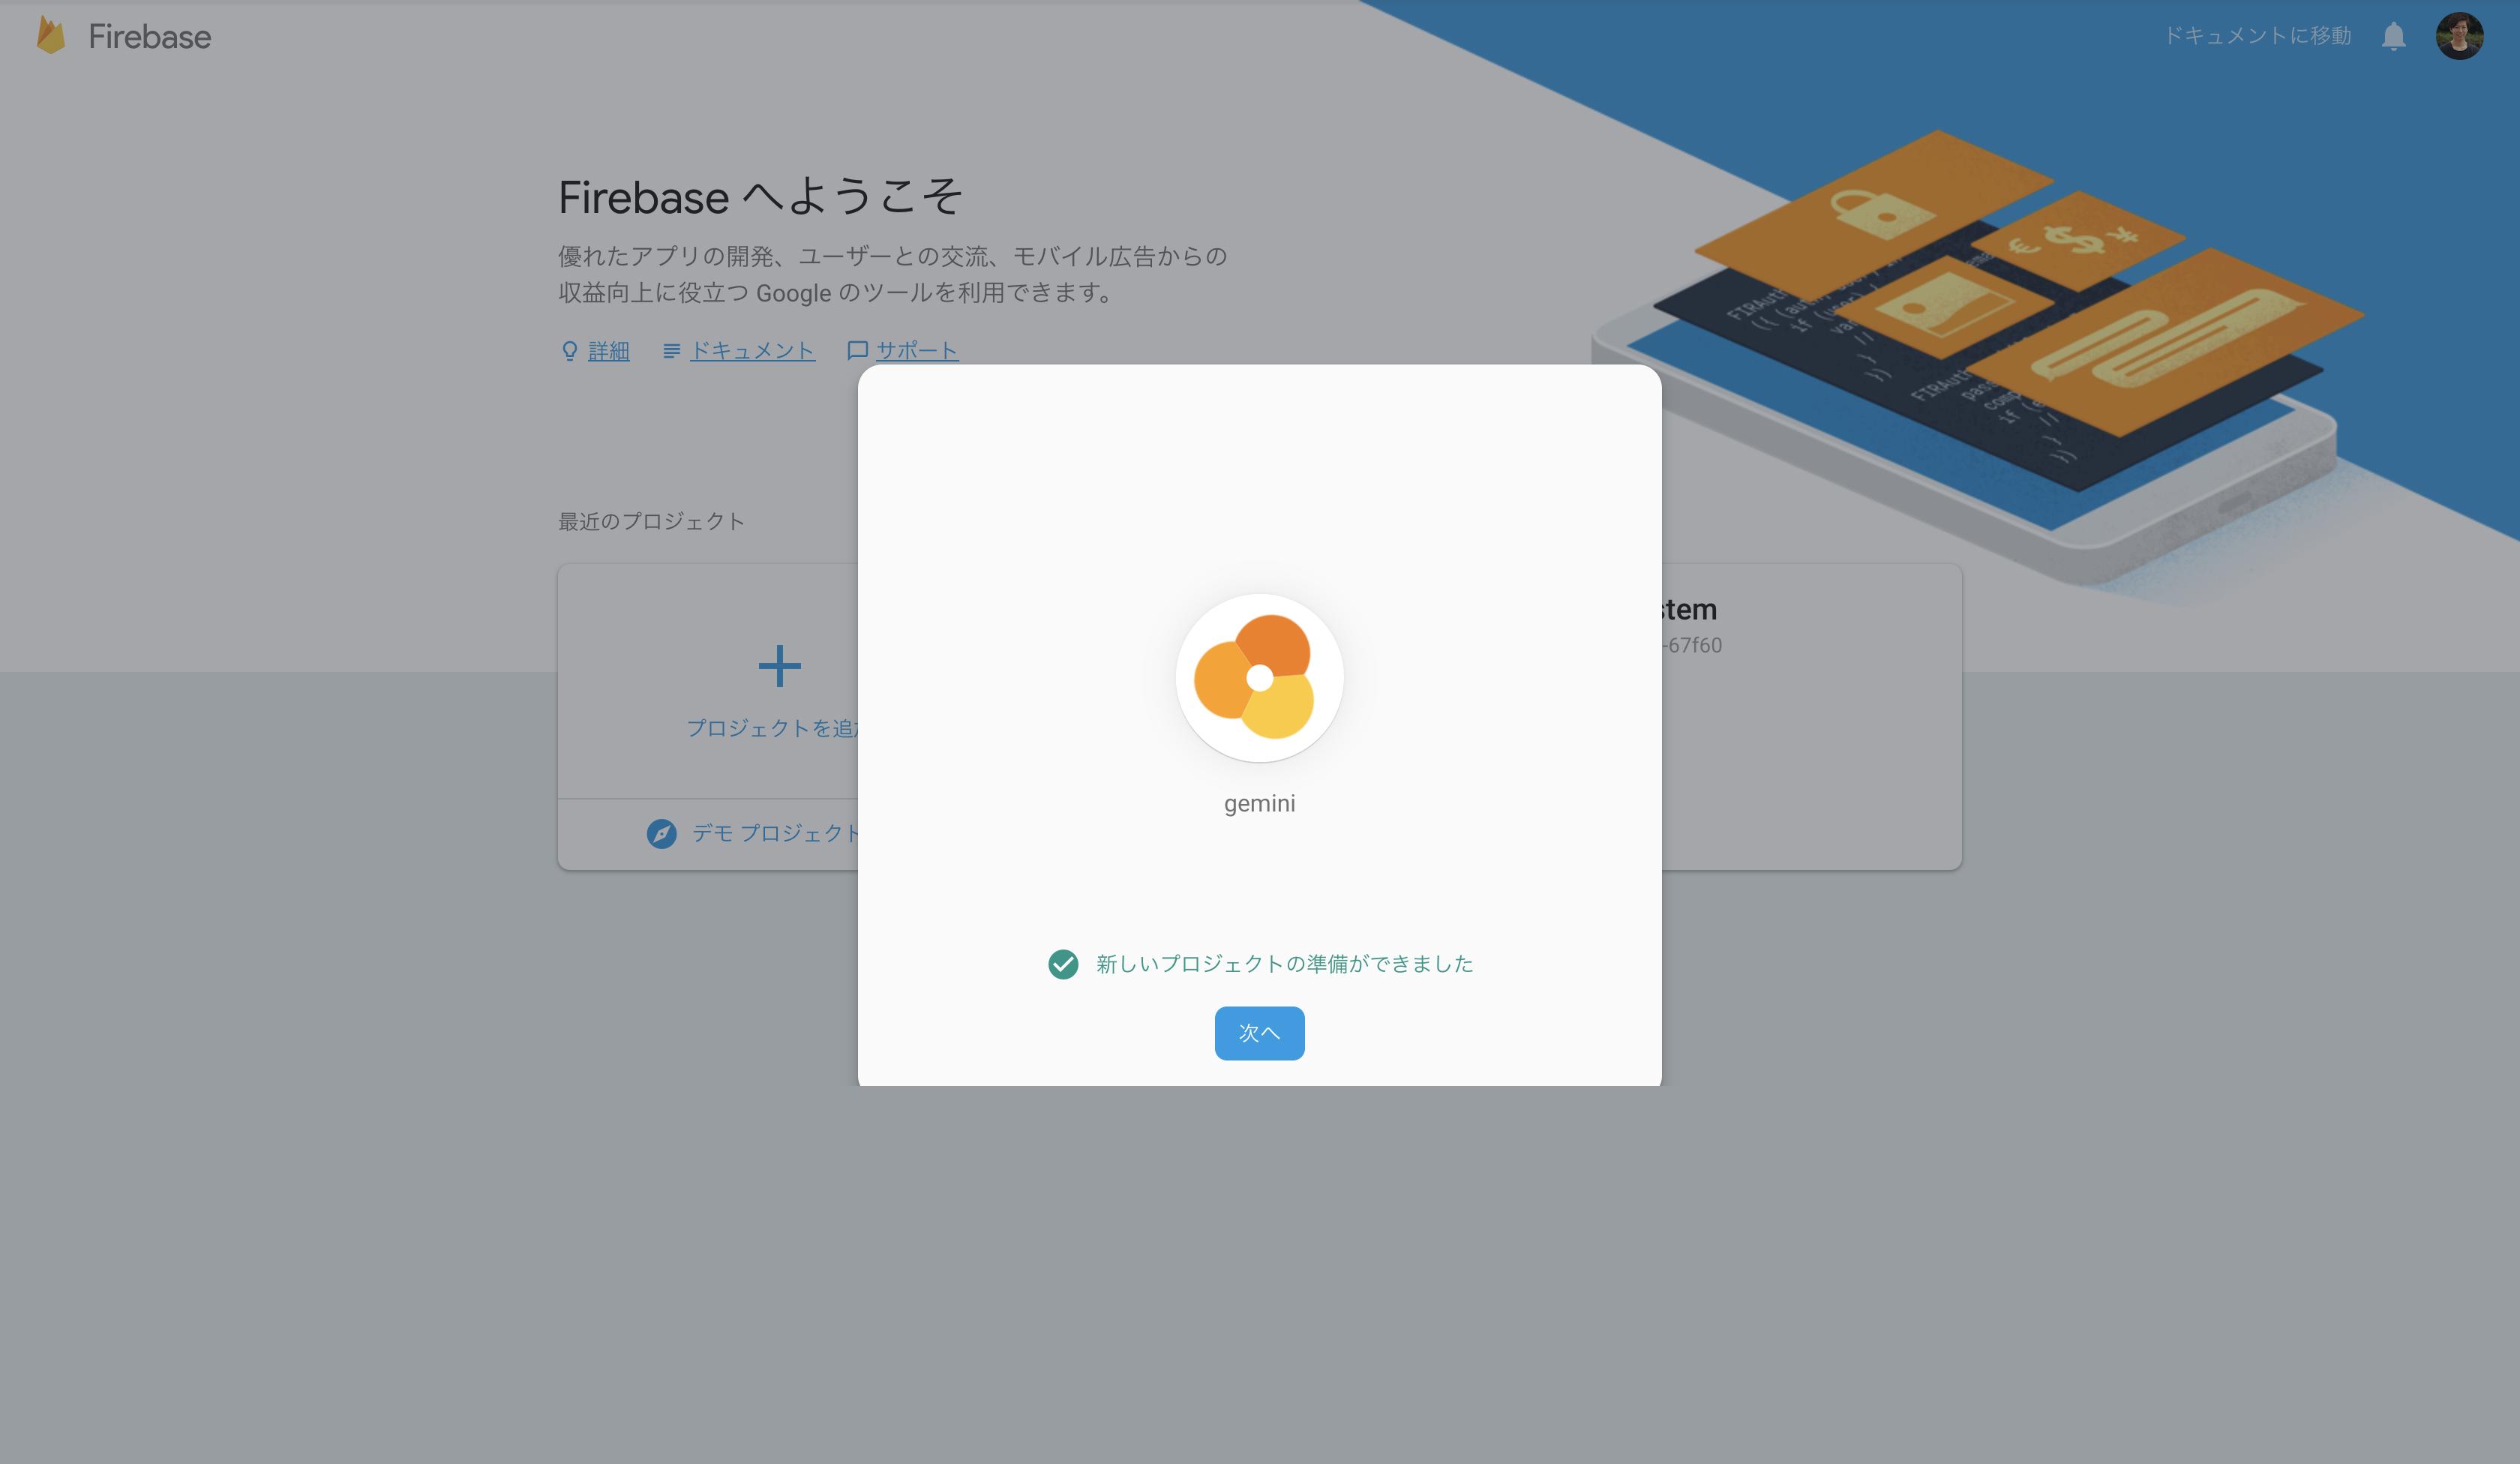 FireShot Capture 84 - Firebase console - https___console.firebase.google.com__hl=ja.png